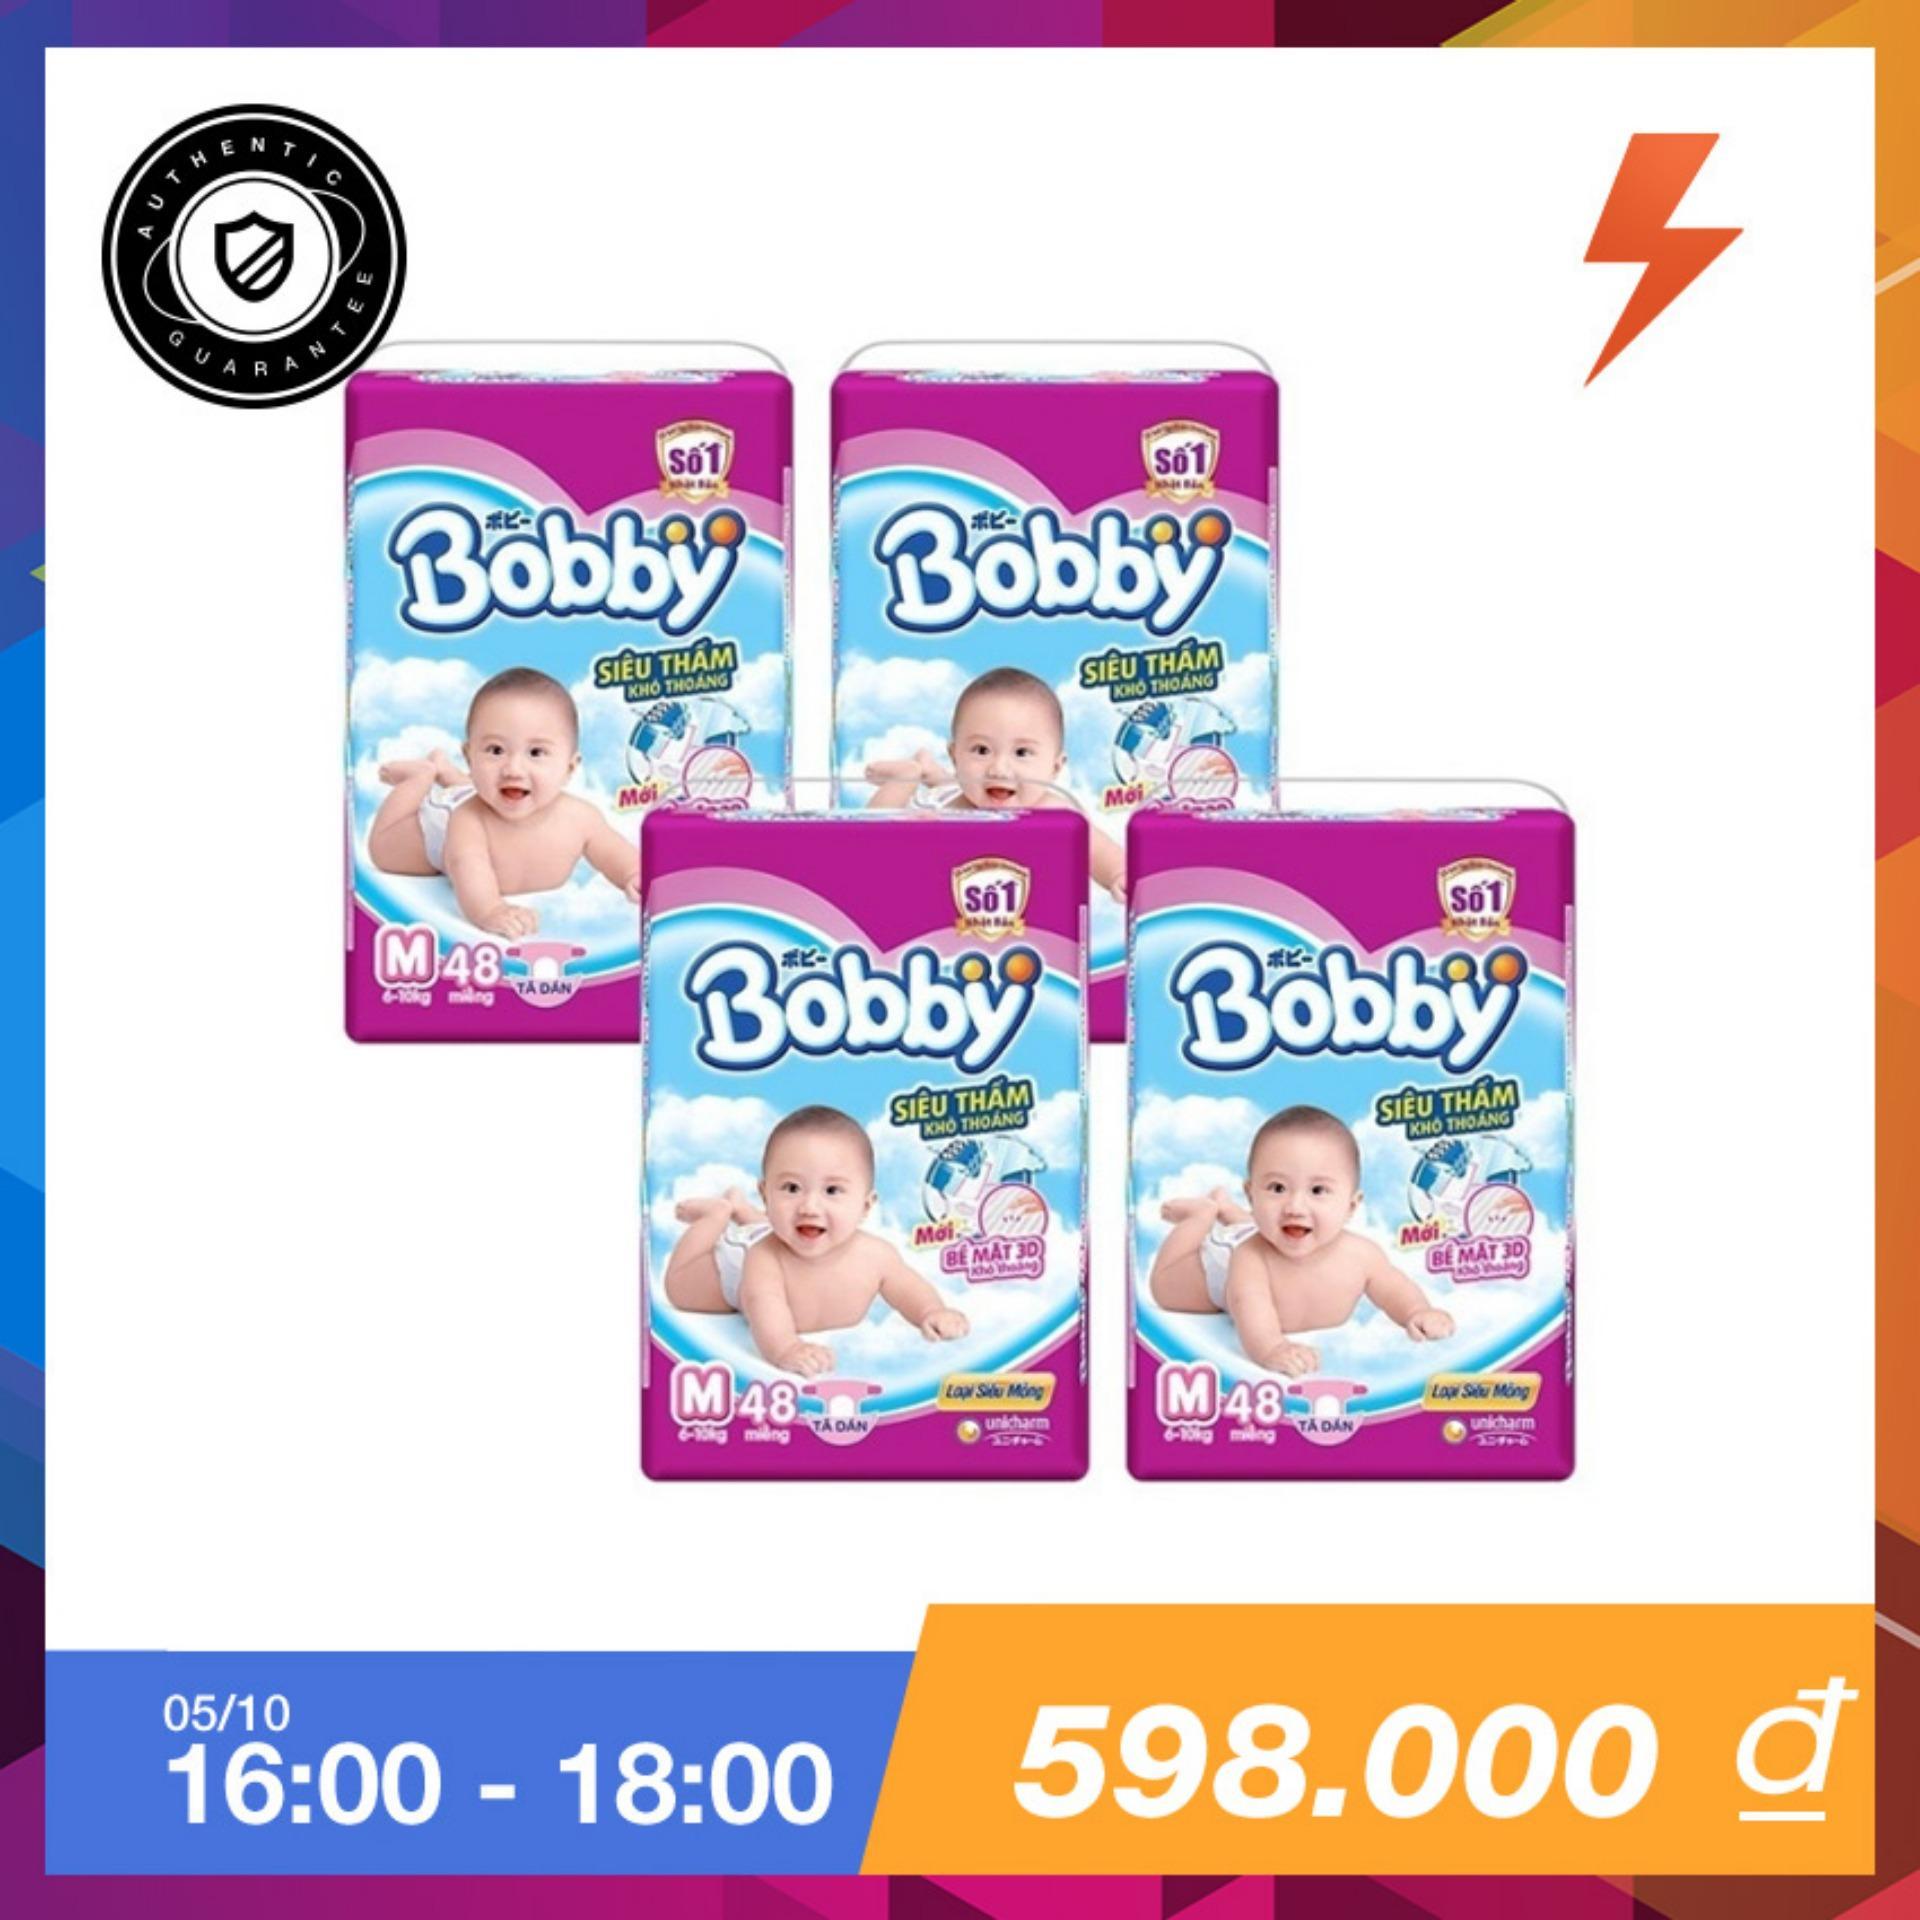 Giá Bán Bộ 4 Goi Ta Giấy Bobby Fresh Sieu Mỏng M48 Nhãn Hiệu Bobby